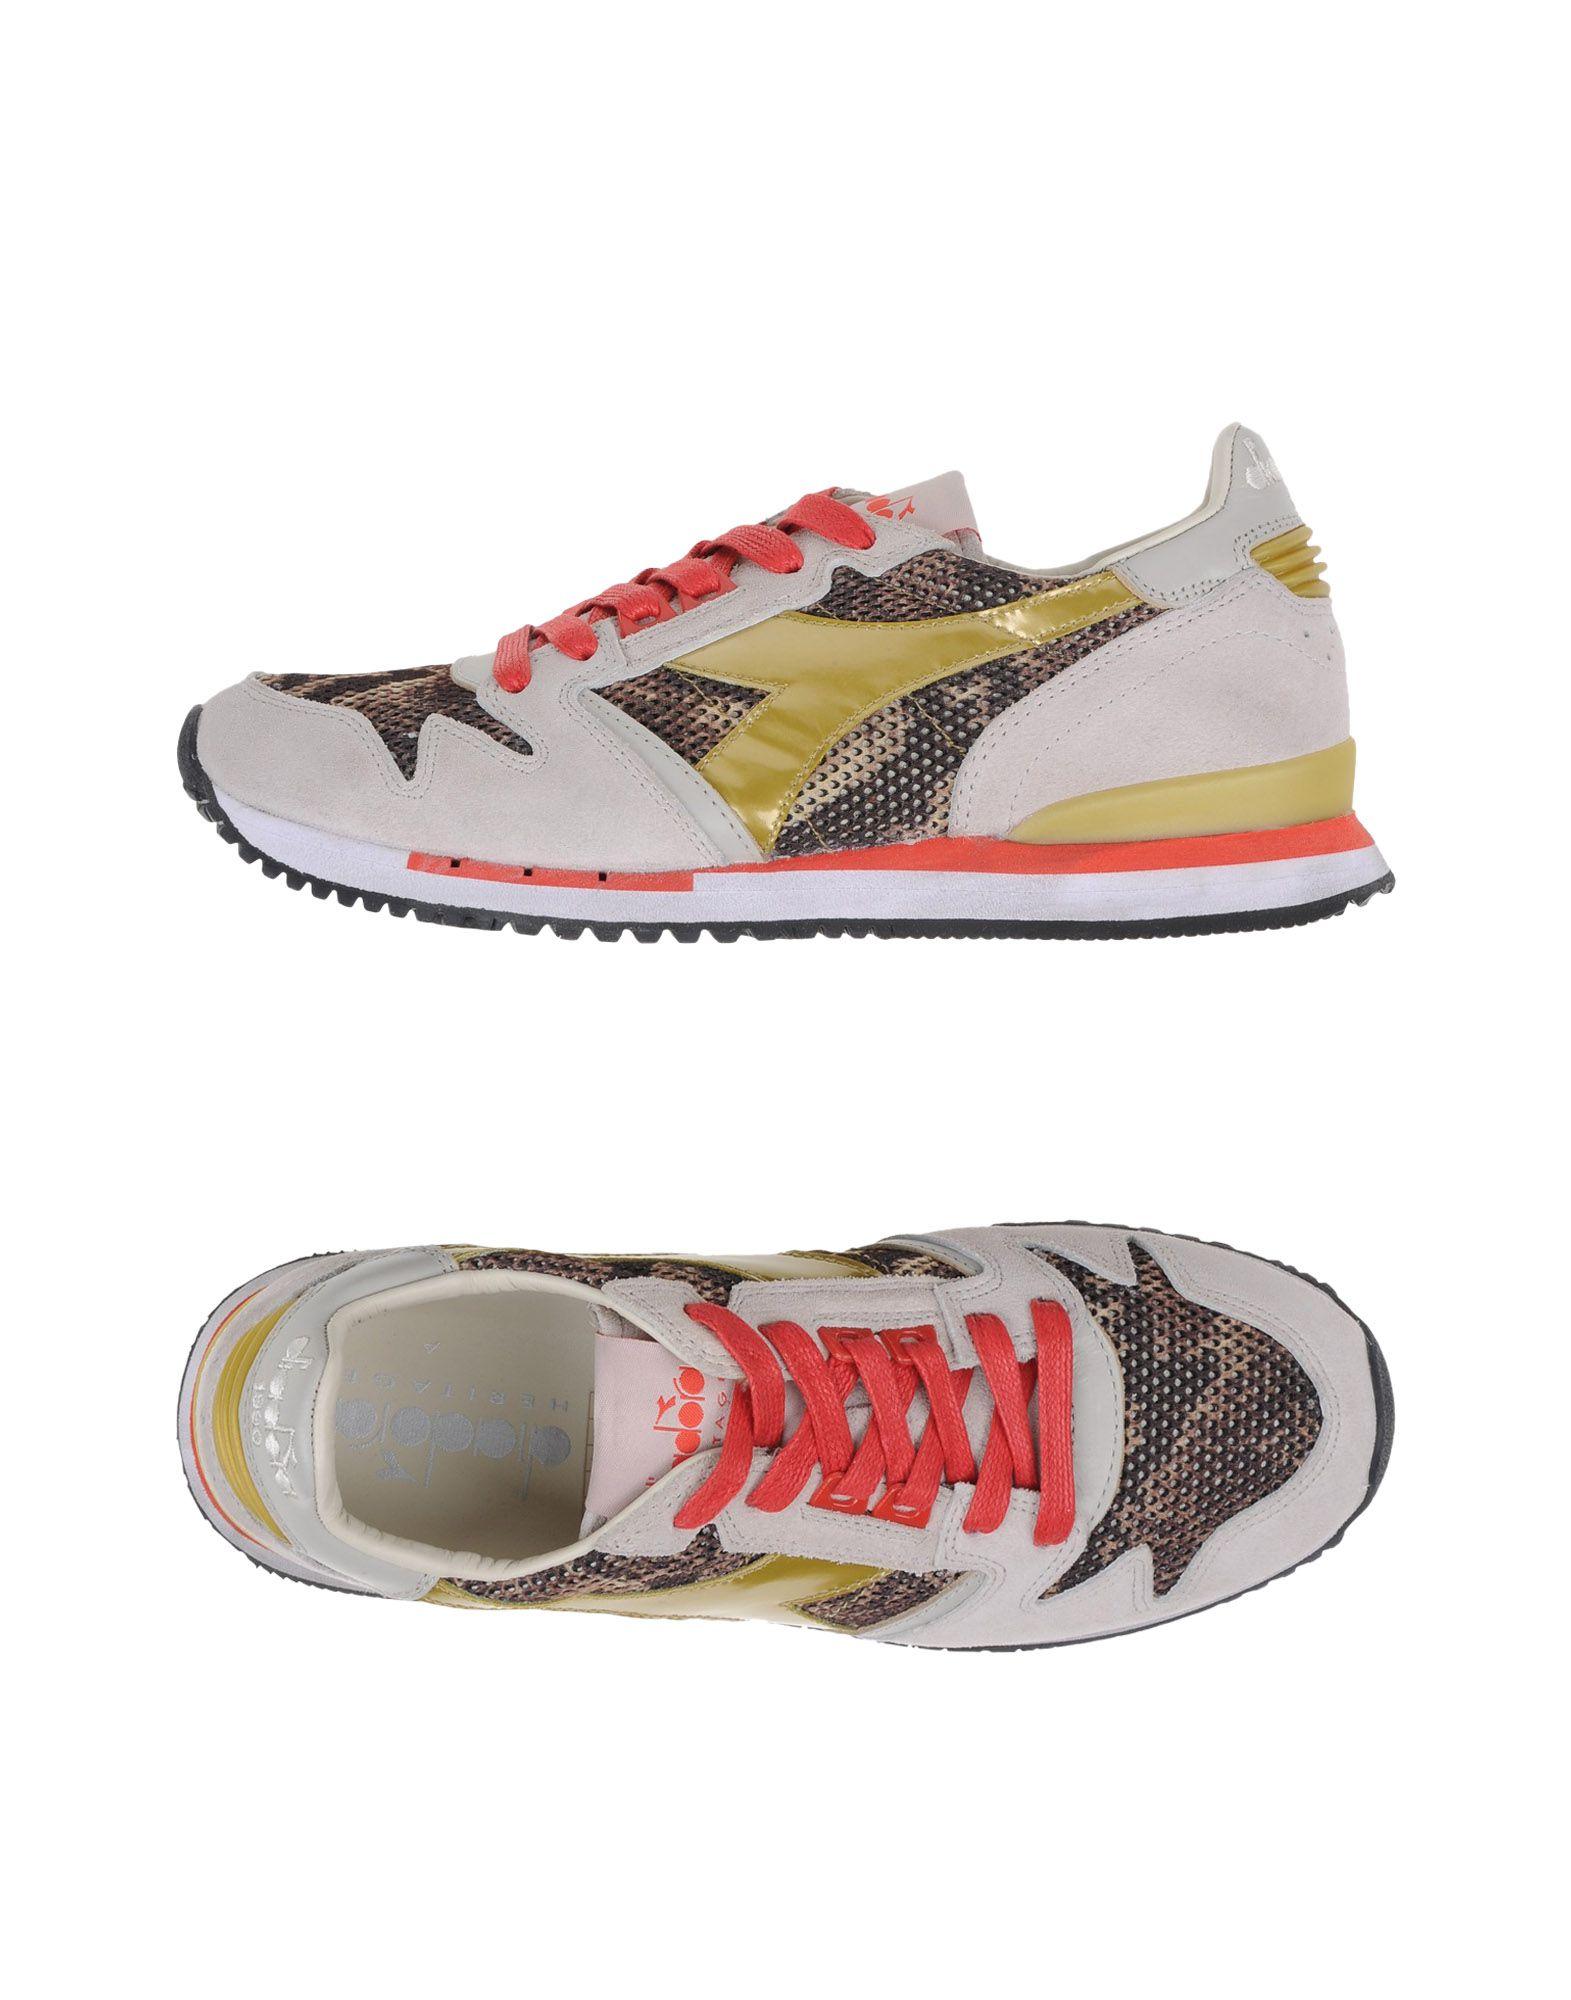 Sneakers Diadora Heritage Exodus W Python - Femme - Sneakers Diadora Heritage sur